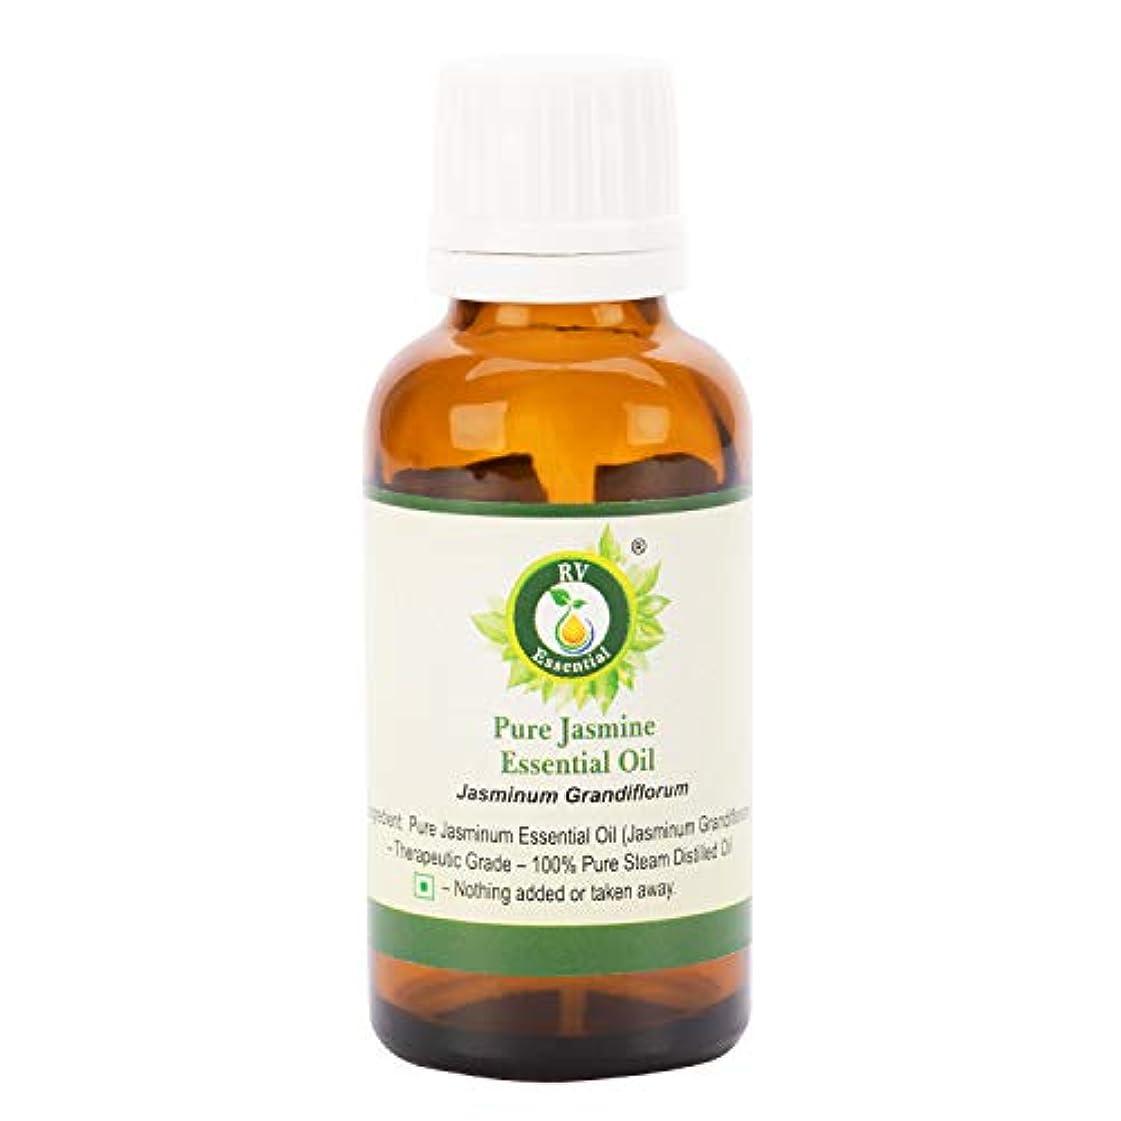 冷笑する強大な団結ピュアジャスミンエッセンシャルオイル100ml (3.38oz)- Jasminum Grandiflorum (100%純粋&天然スチームDistilled) Pure Jasmine Essential Oil